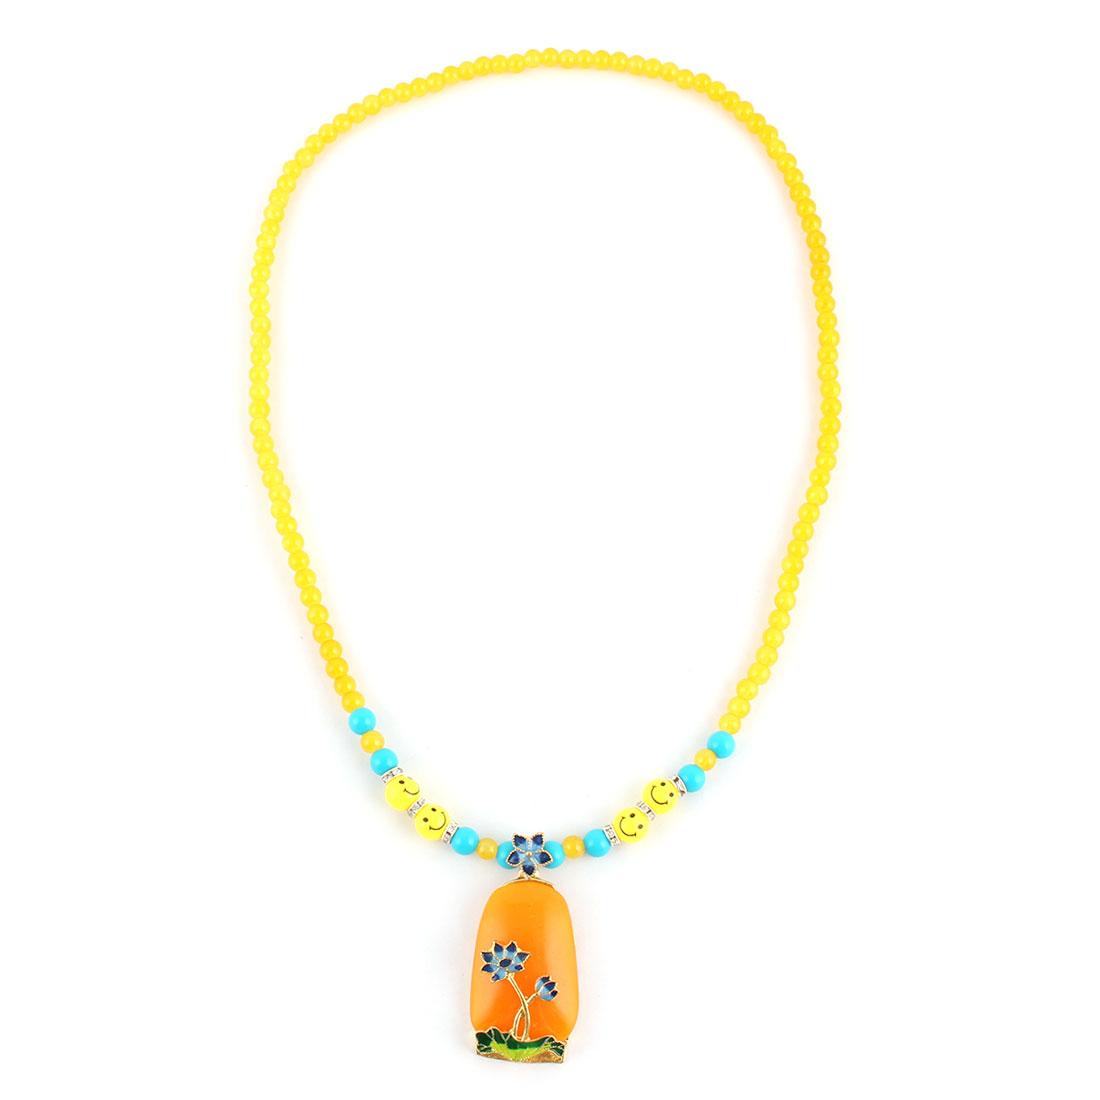 Festival Woman Lady Plastic Bead Flower Decor Pendant Necklet Necklace Ornament